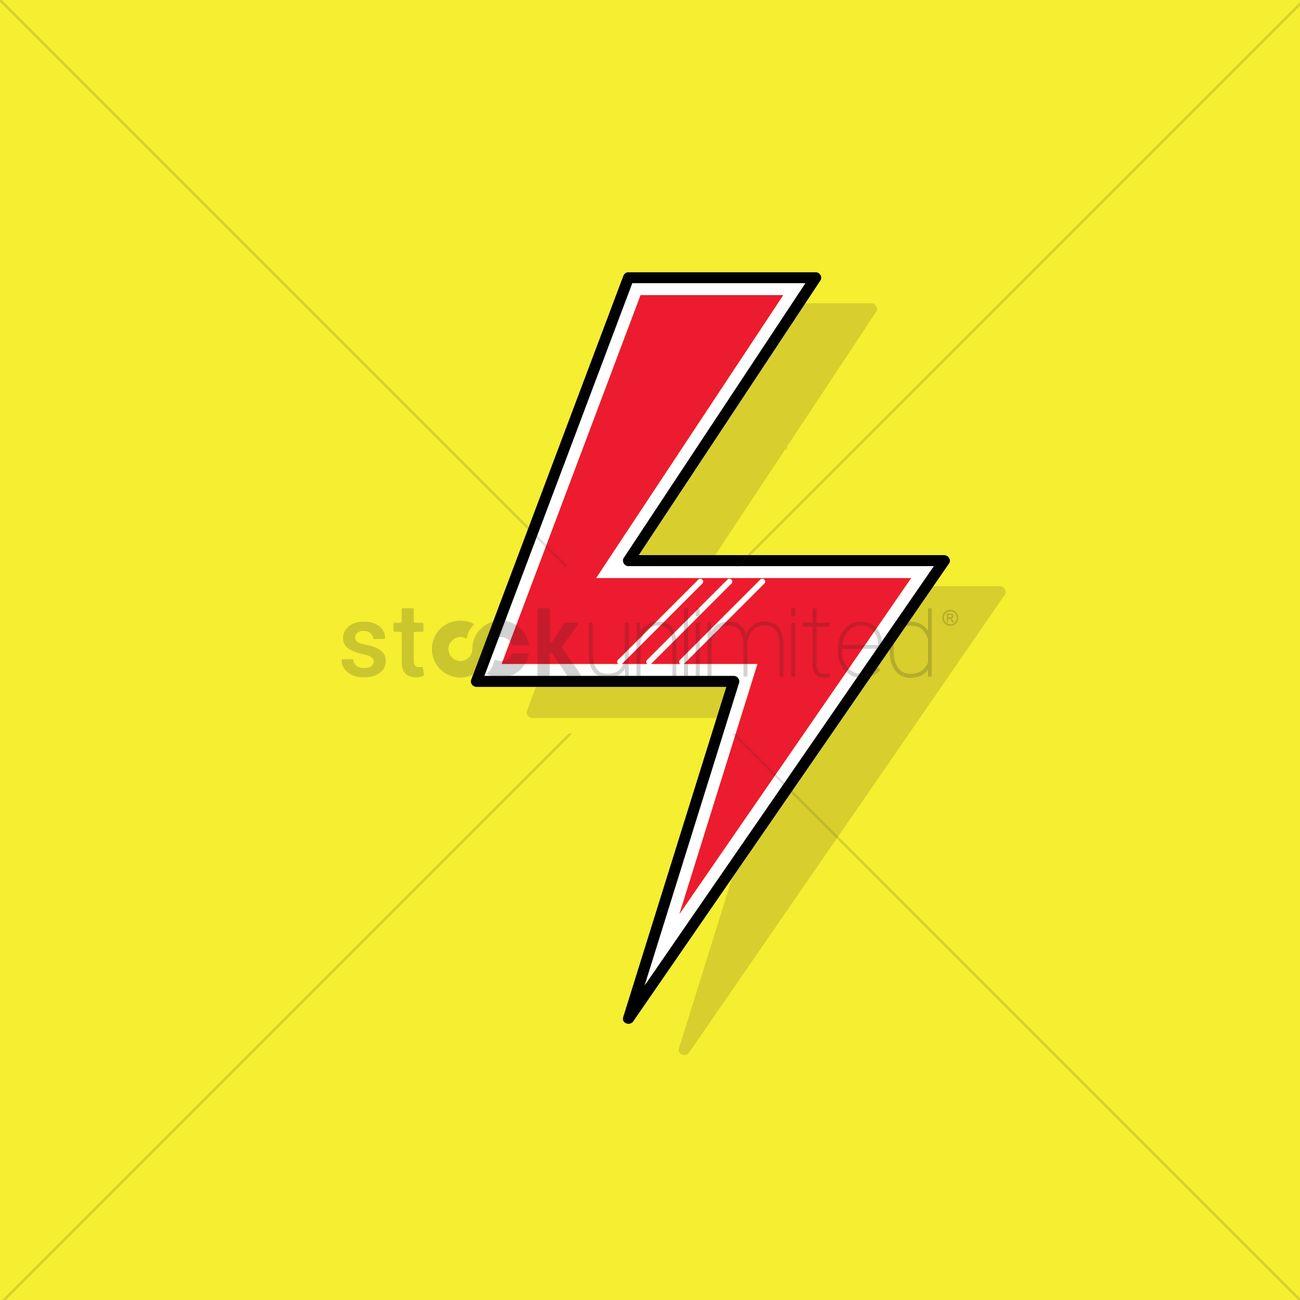 High voltage symbol vector image 1355198 stockunlimited high voltage symbol vector graphic buycottarizona